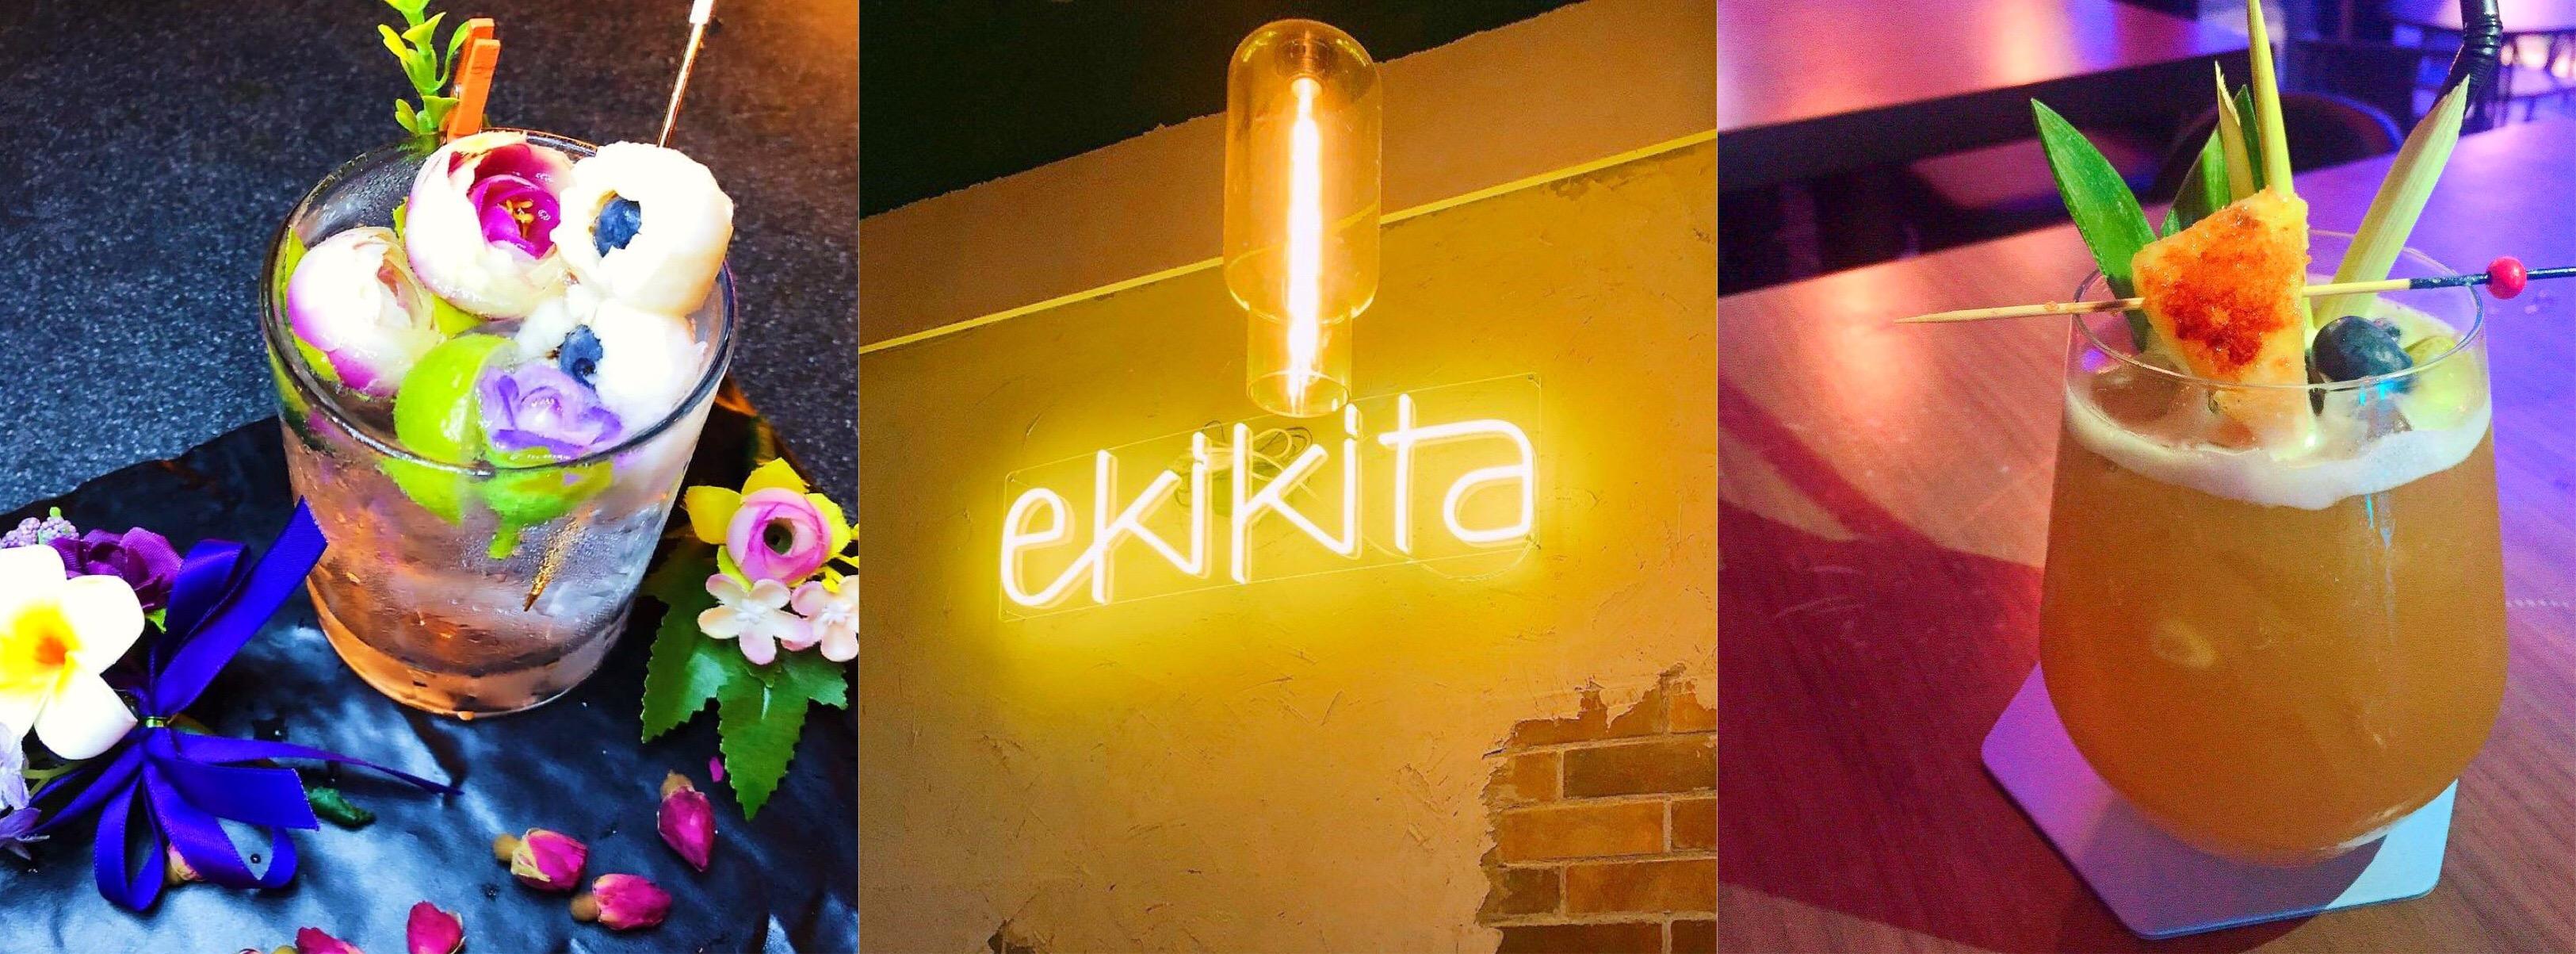 情人節餐廳-Ekikita